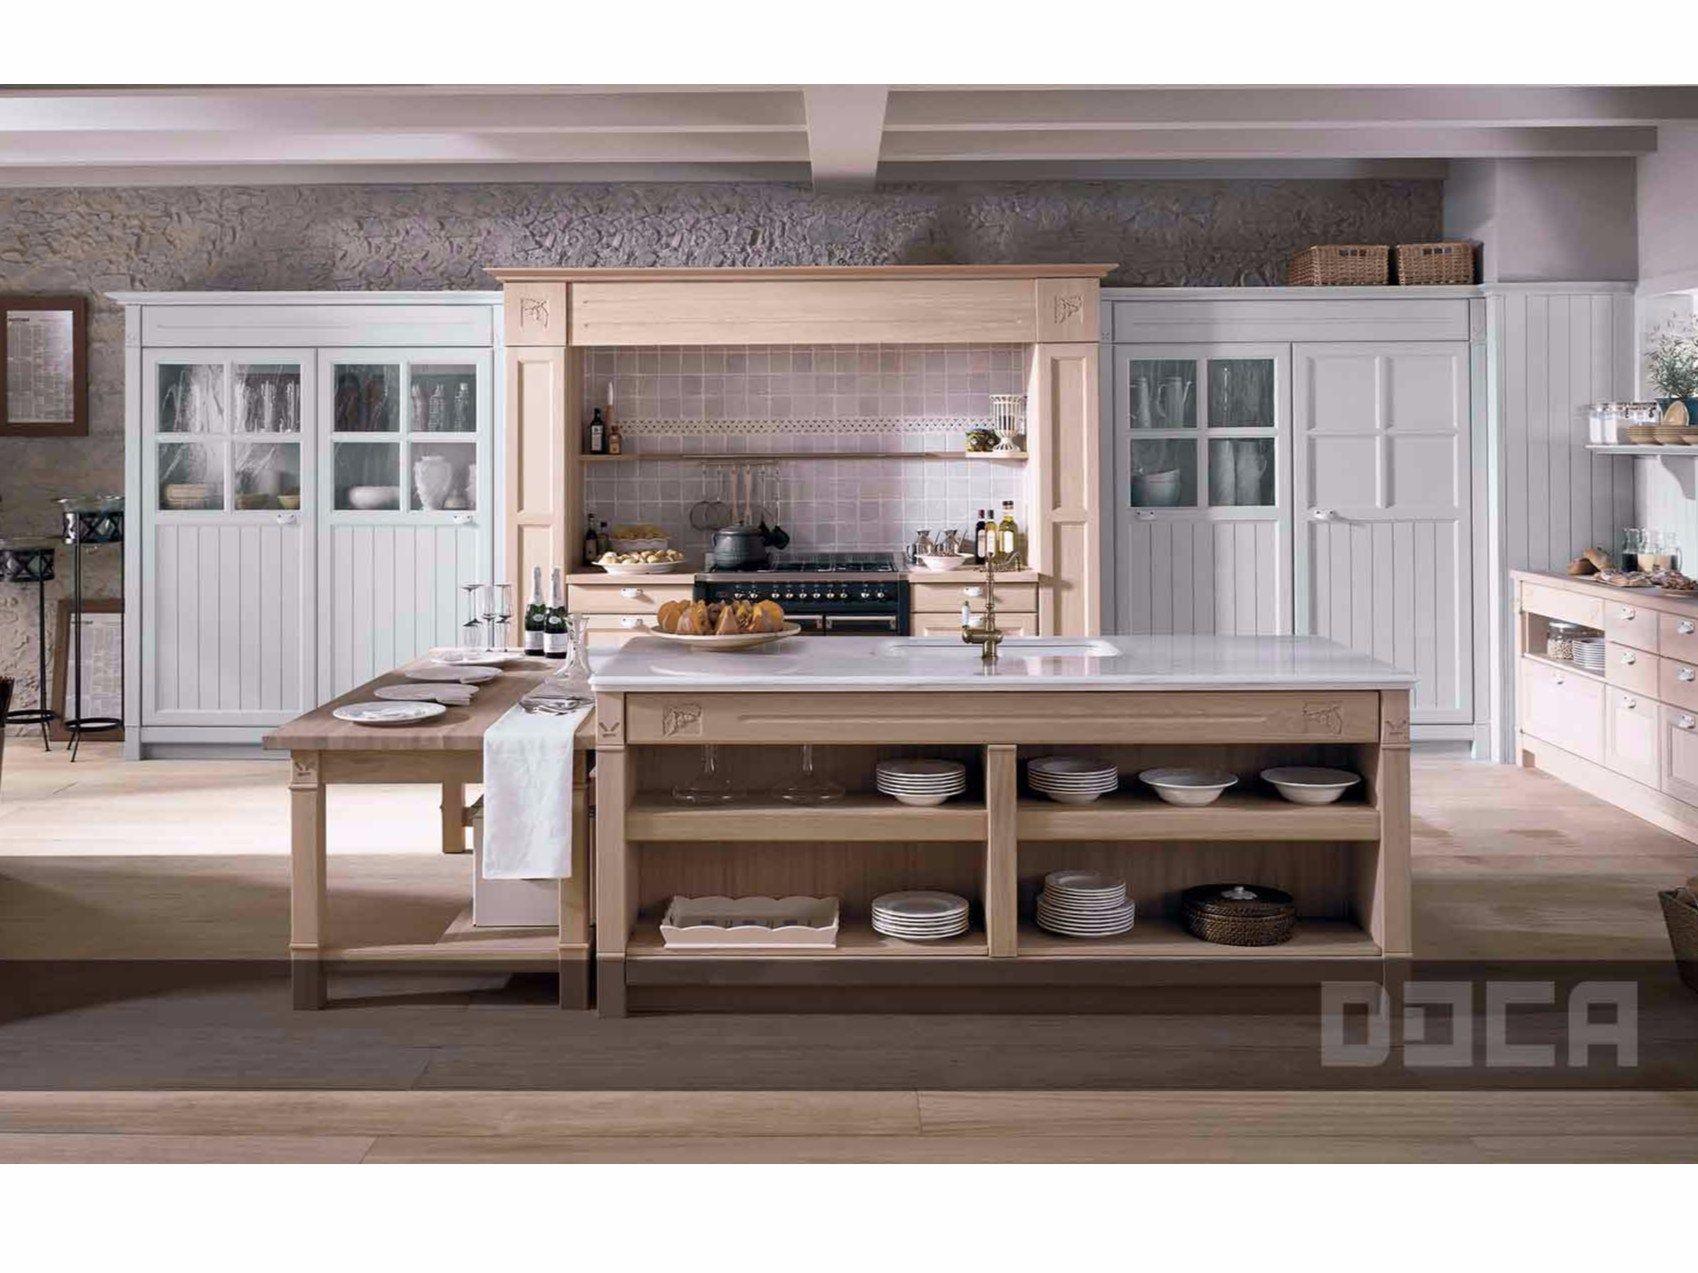 Bonito Muebles De Cocina En Albacete Fotos Muebles De Cocina En  # Muebles Parreno Tebar